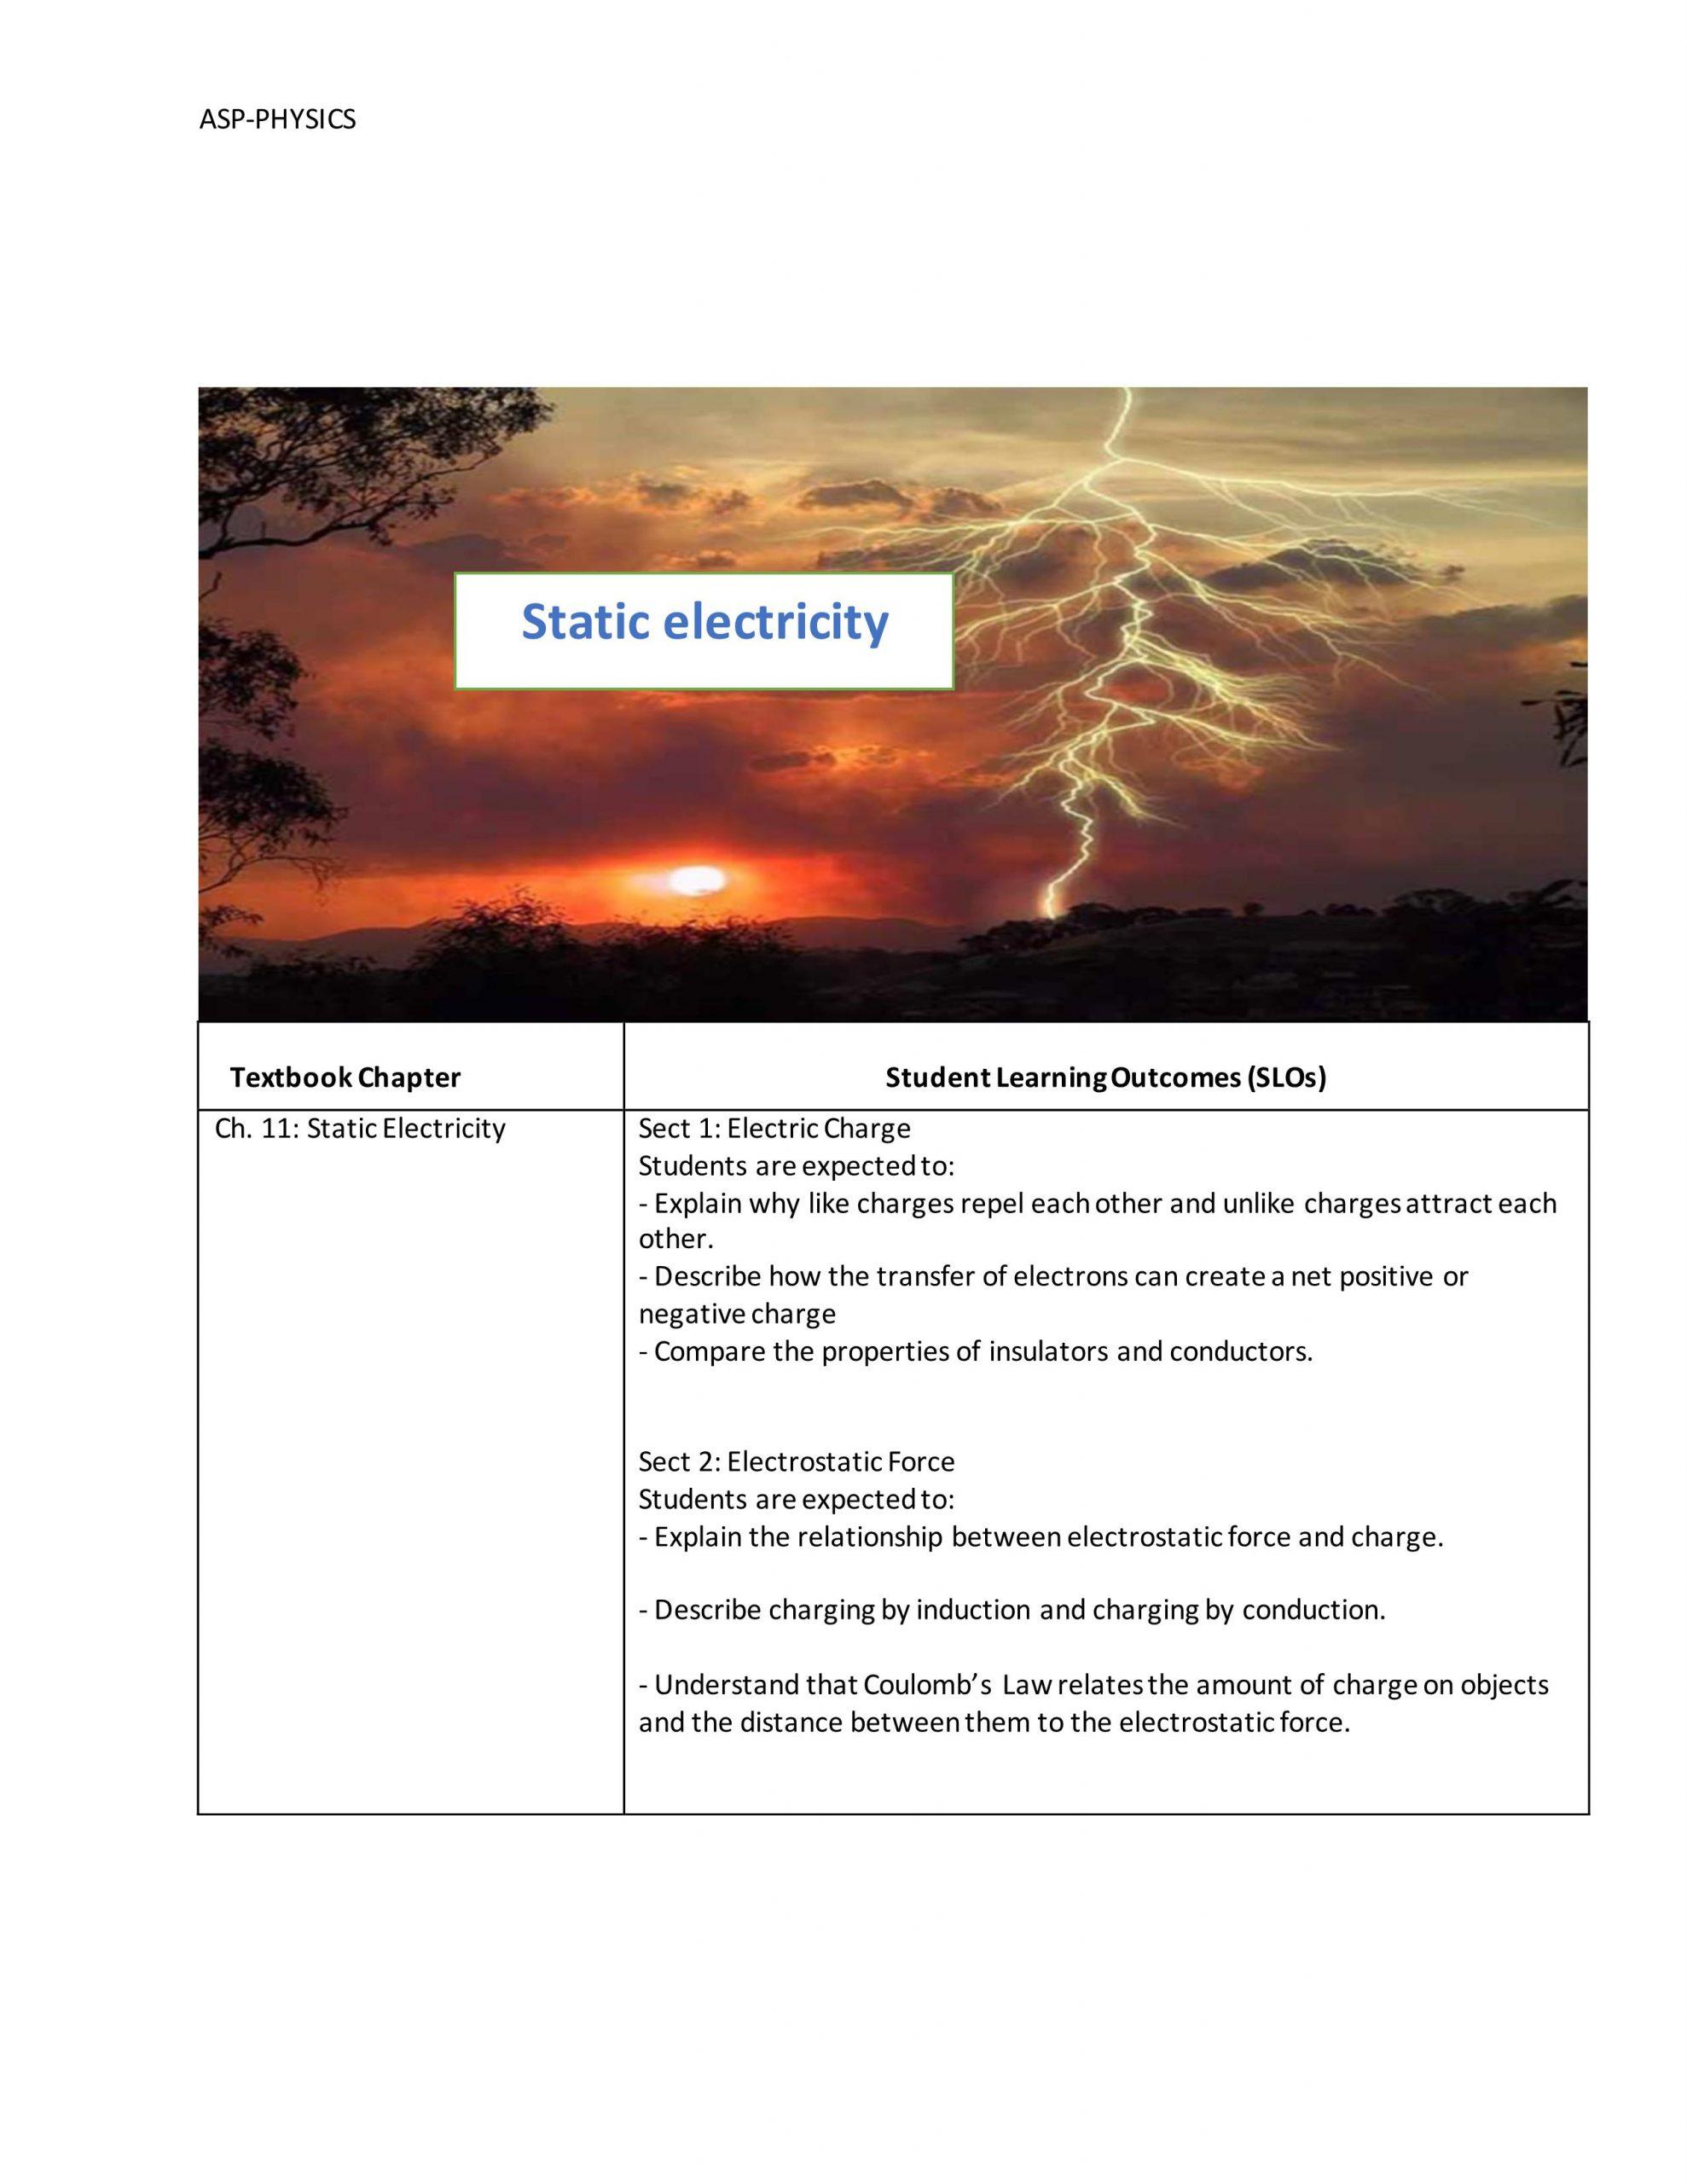 ملخص Static electricity بالانجليزي الصف العاشر مادة الفيزياء